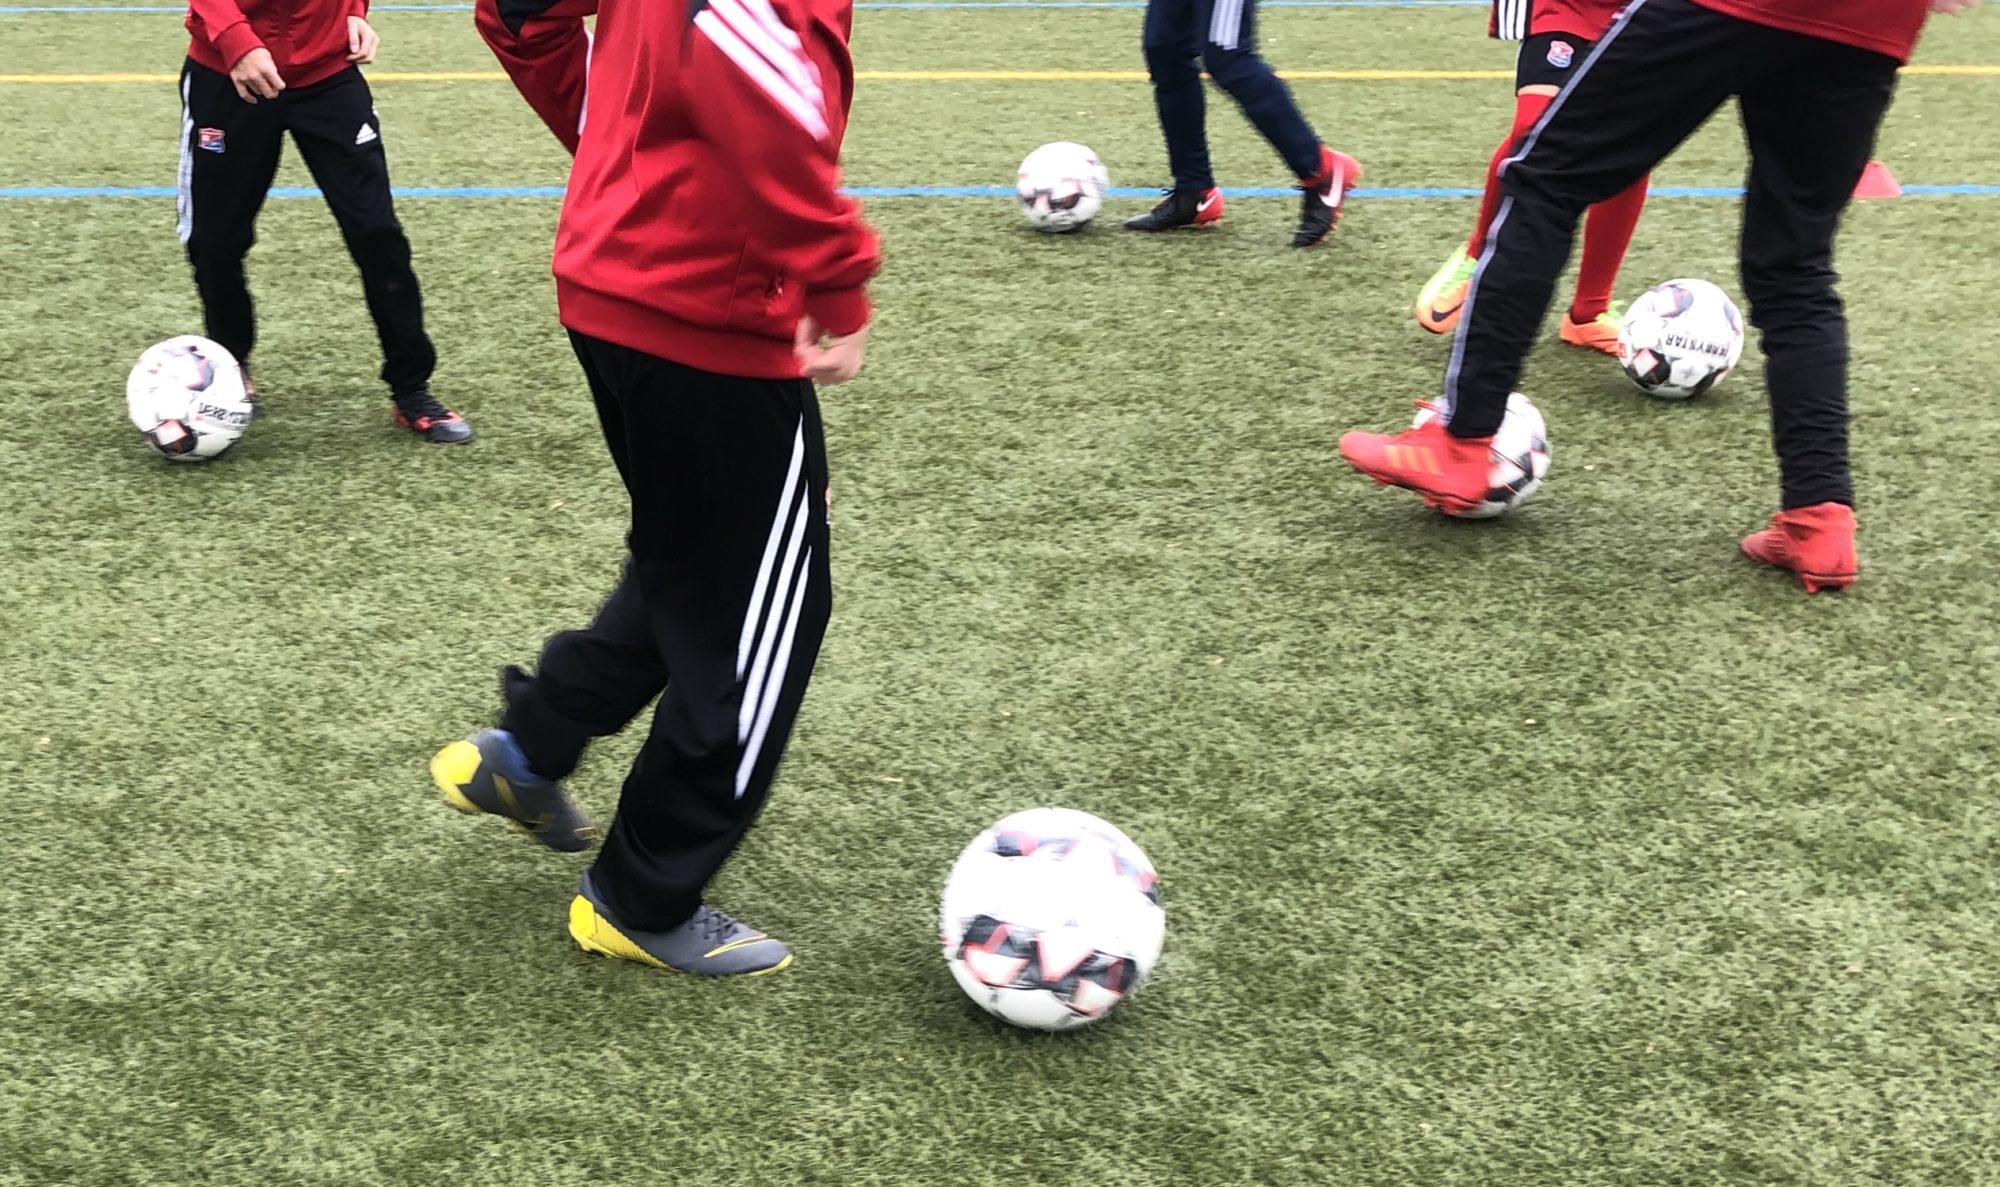 FS Soccer Club & Talents